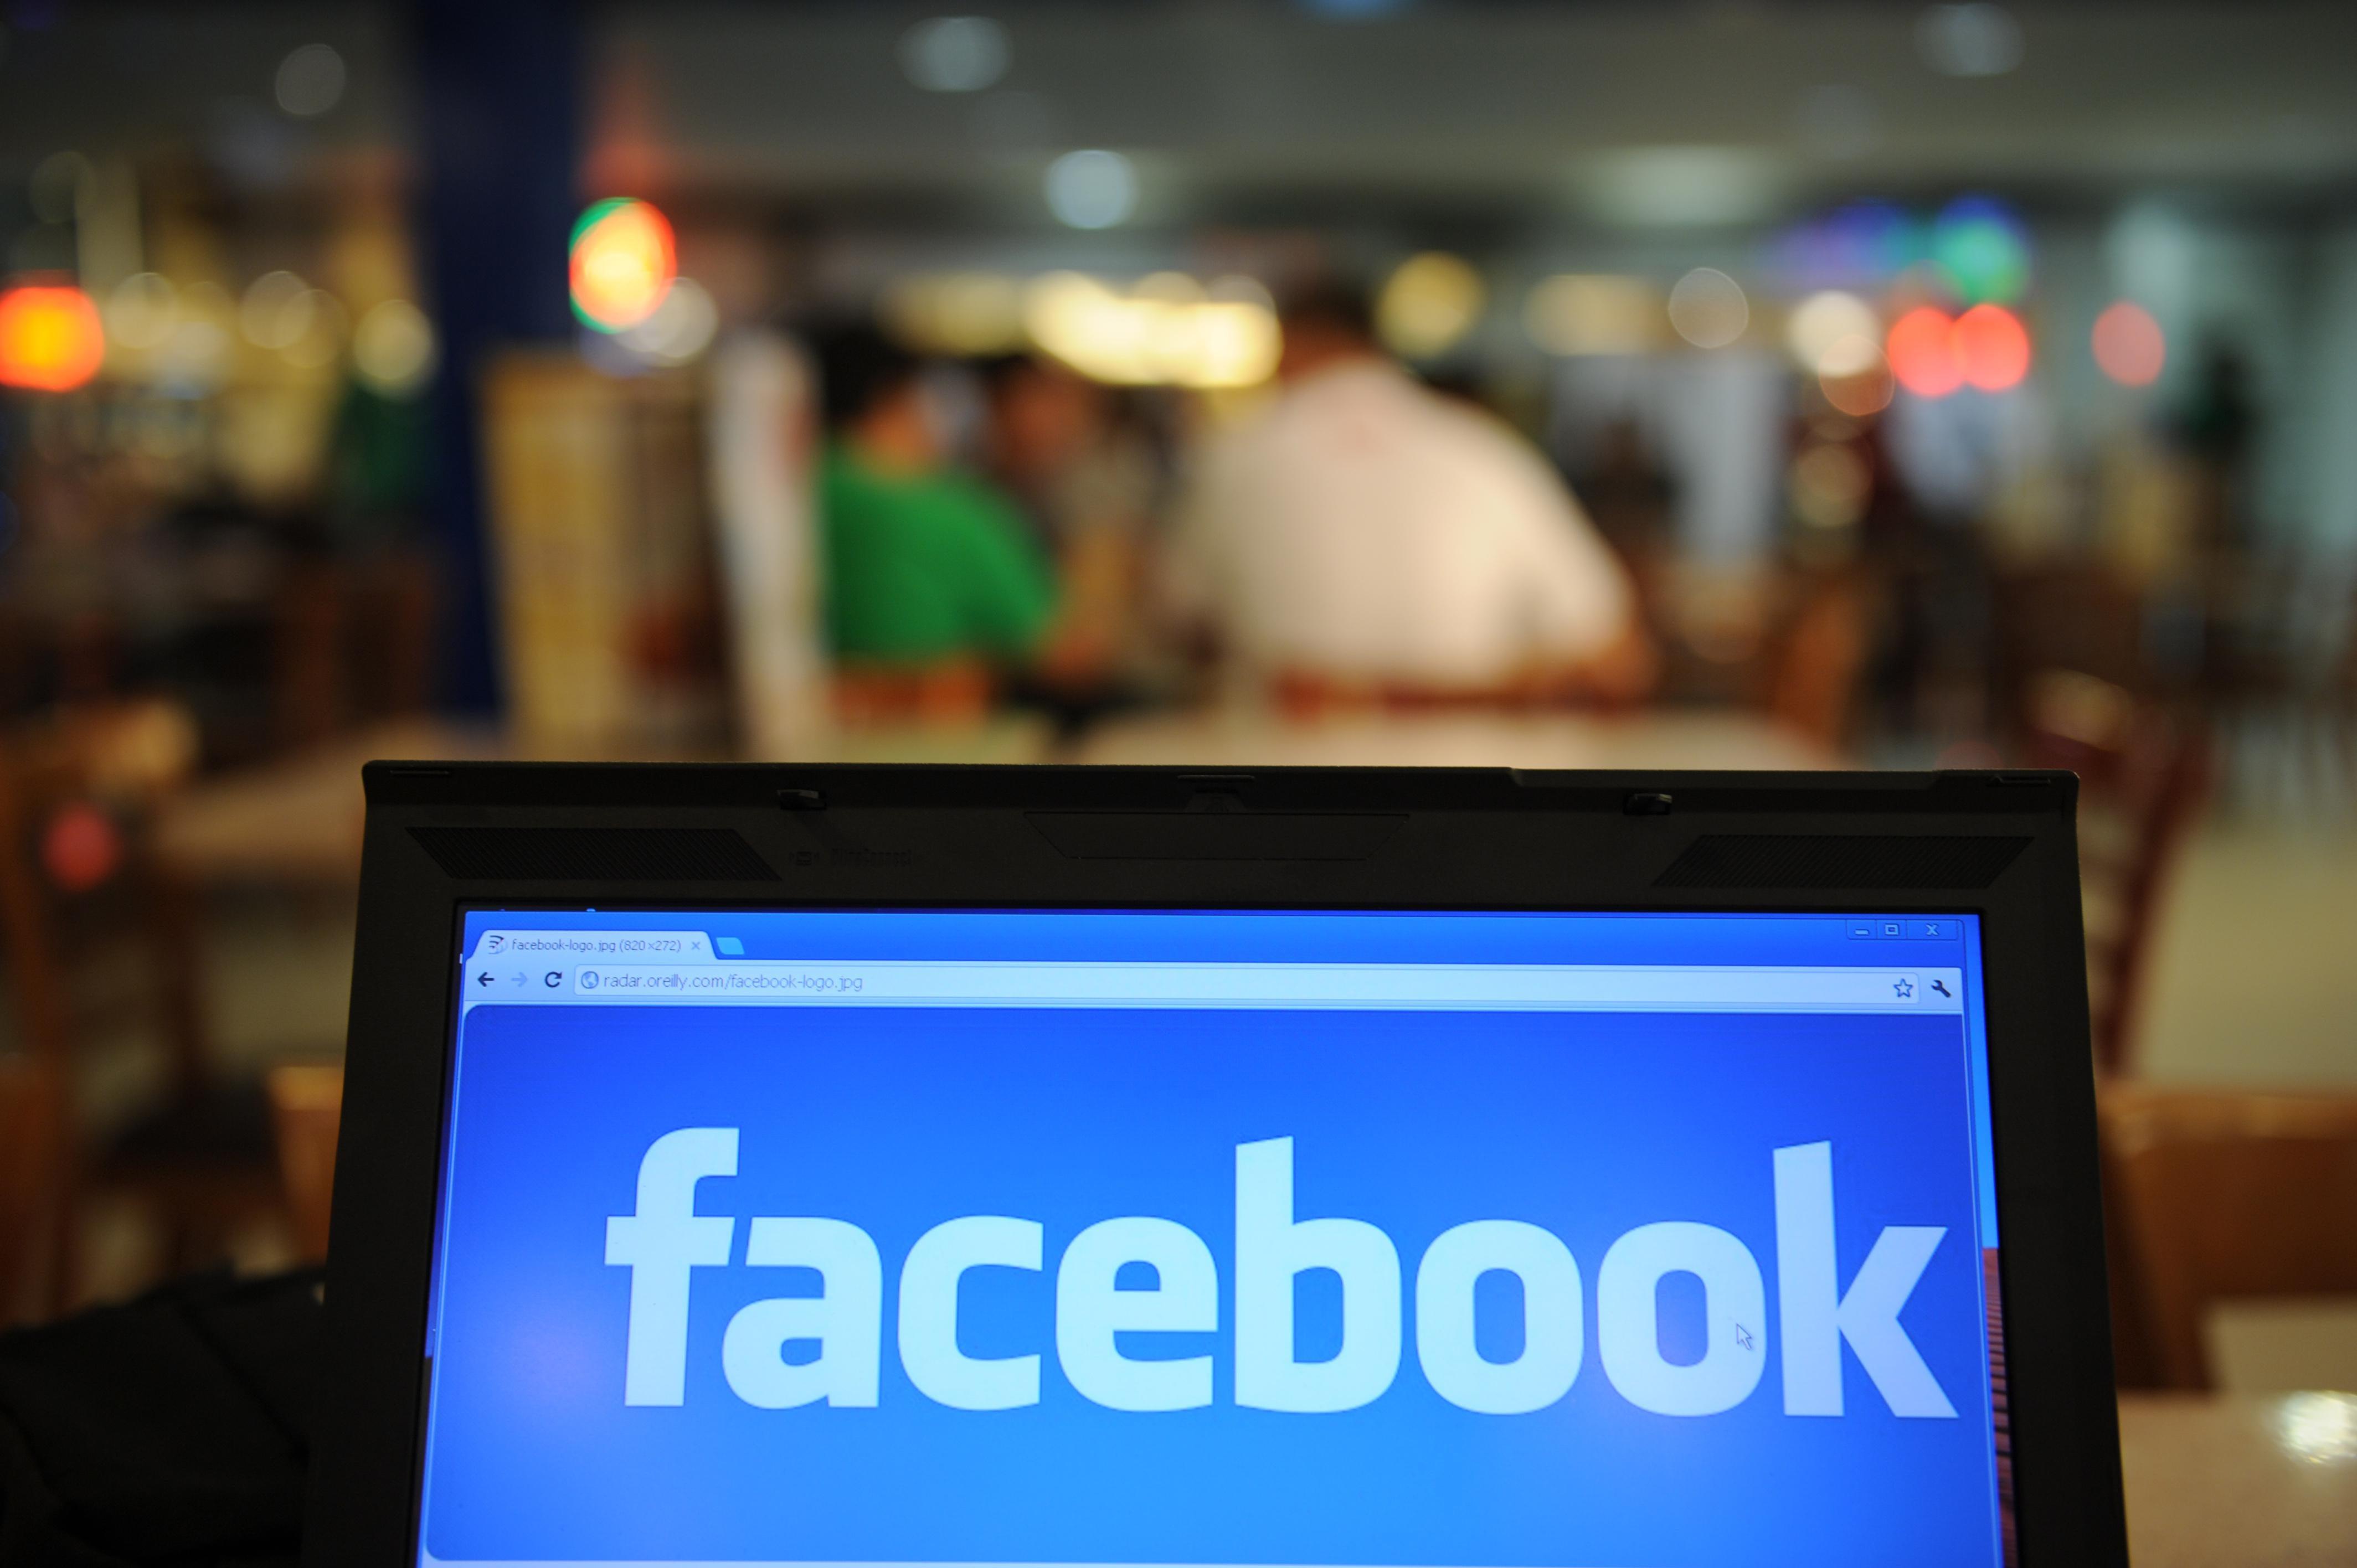 A screen with the Facebook logo open